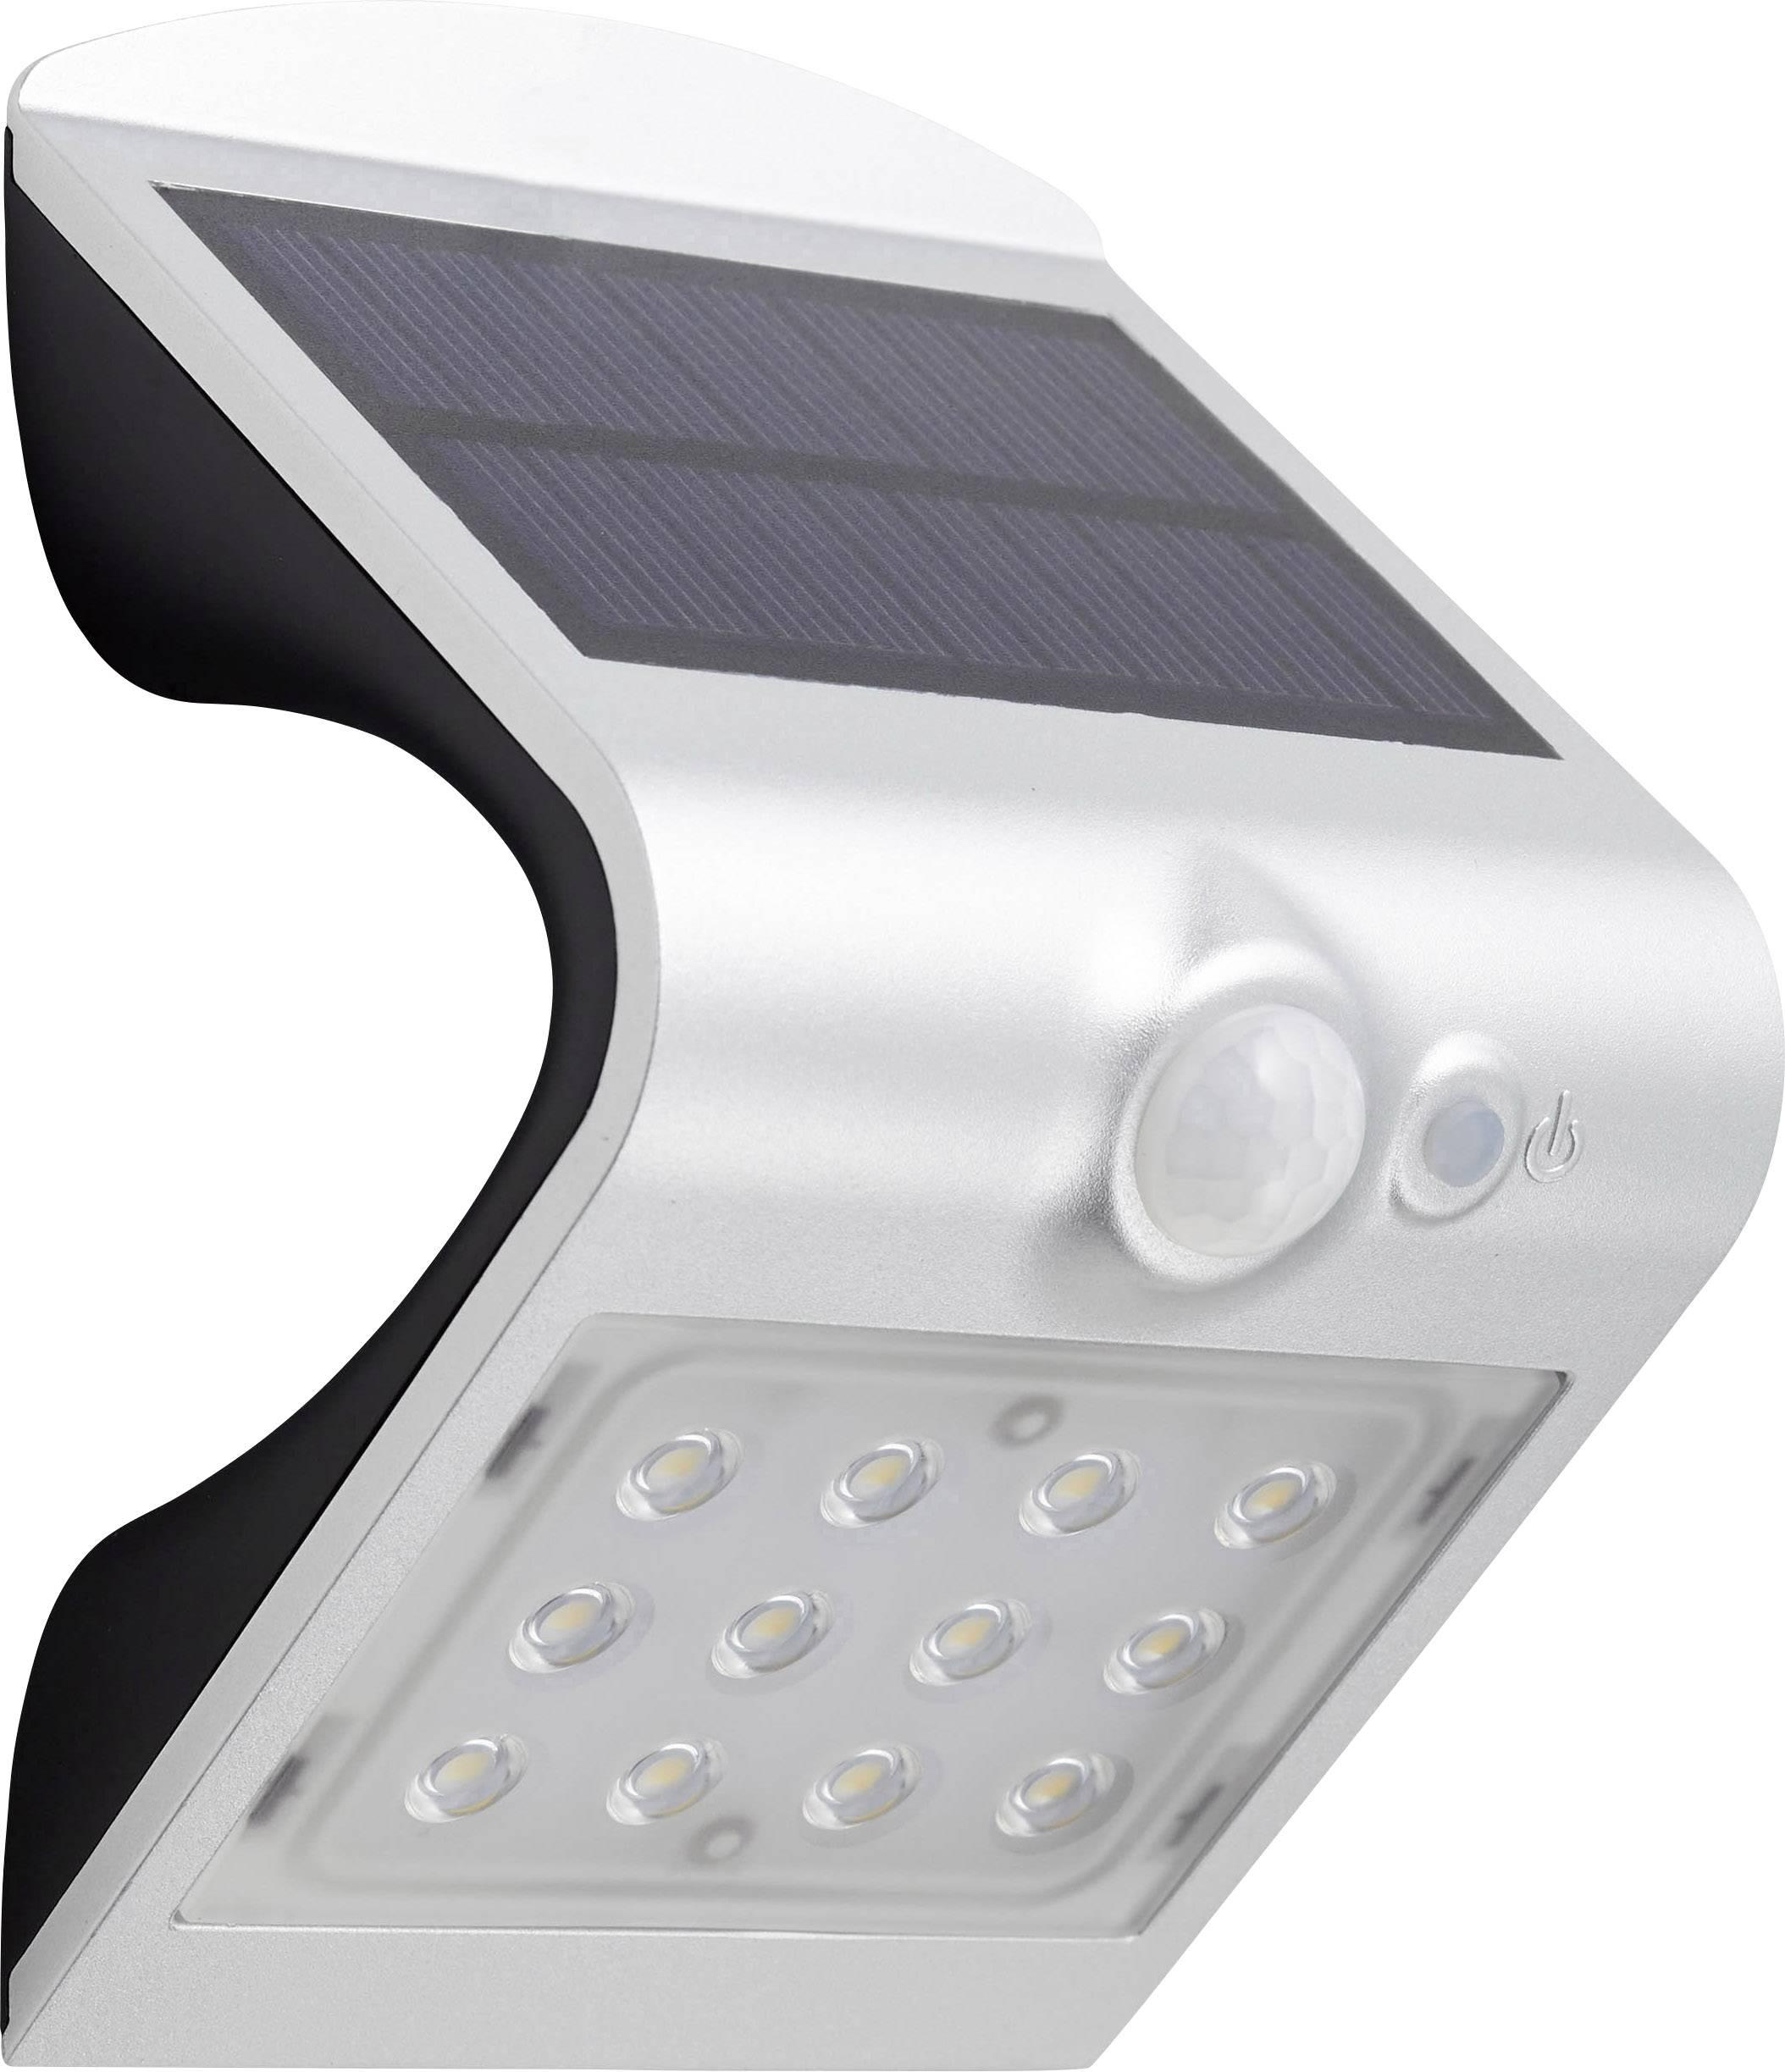 Solární bodové osvětlení s PIR detektorem Brilliant G96339/58 Dev 1.5 W, neutrálně bílá, stříbrná